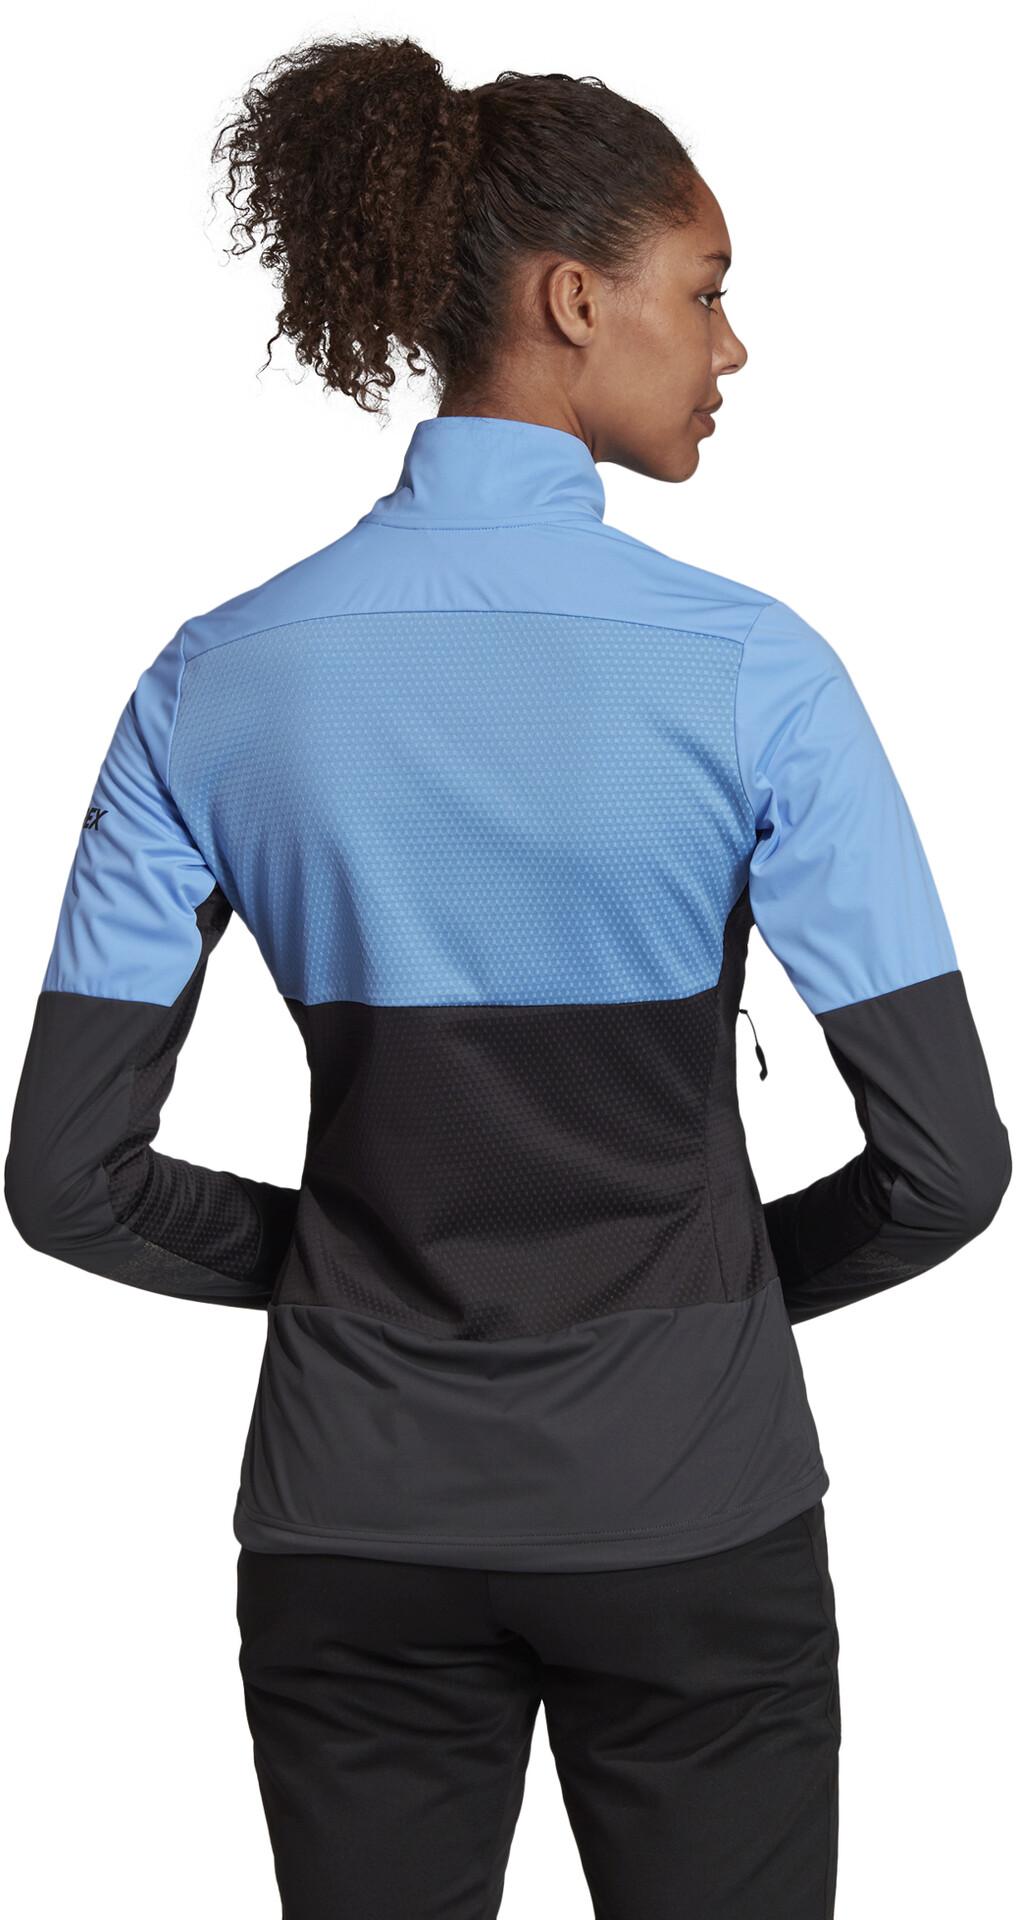 adidas TERREX Xperior Light Jacke Damen real bluecarbon